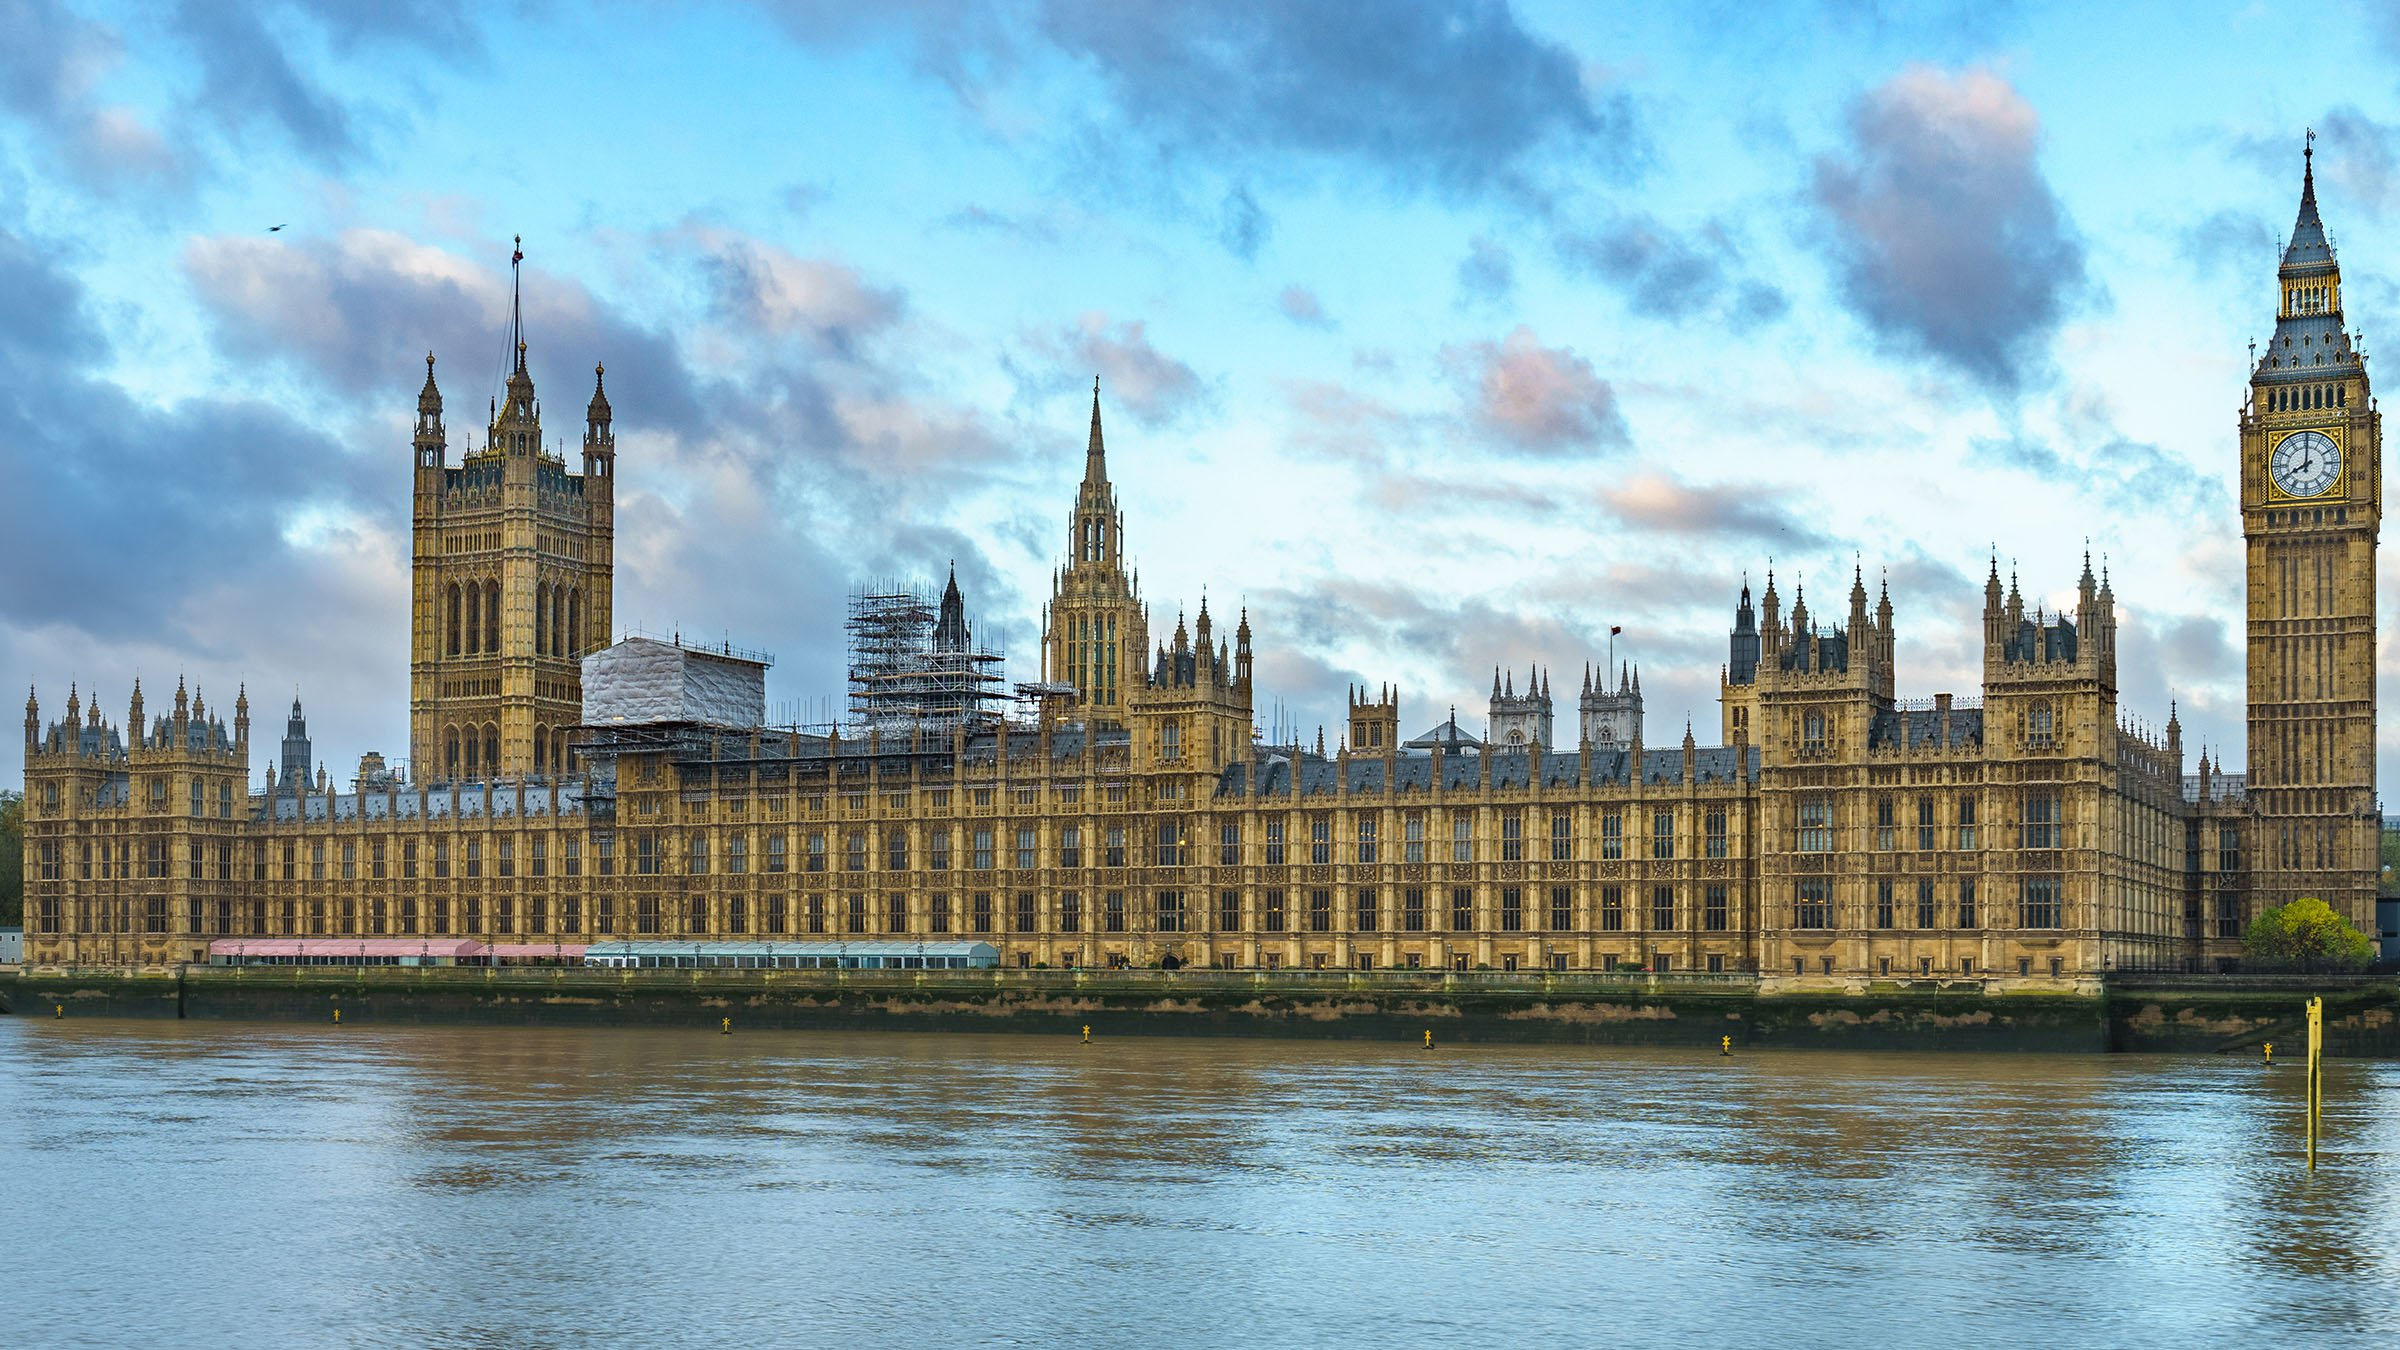 El Gobierno de Inglaterra casas del parlamento